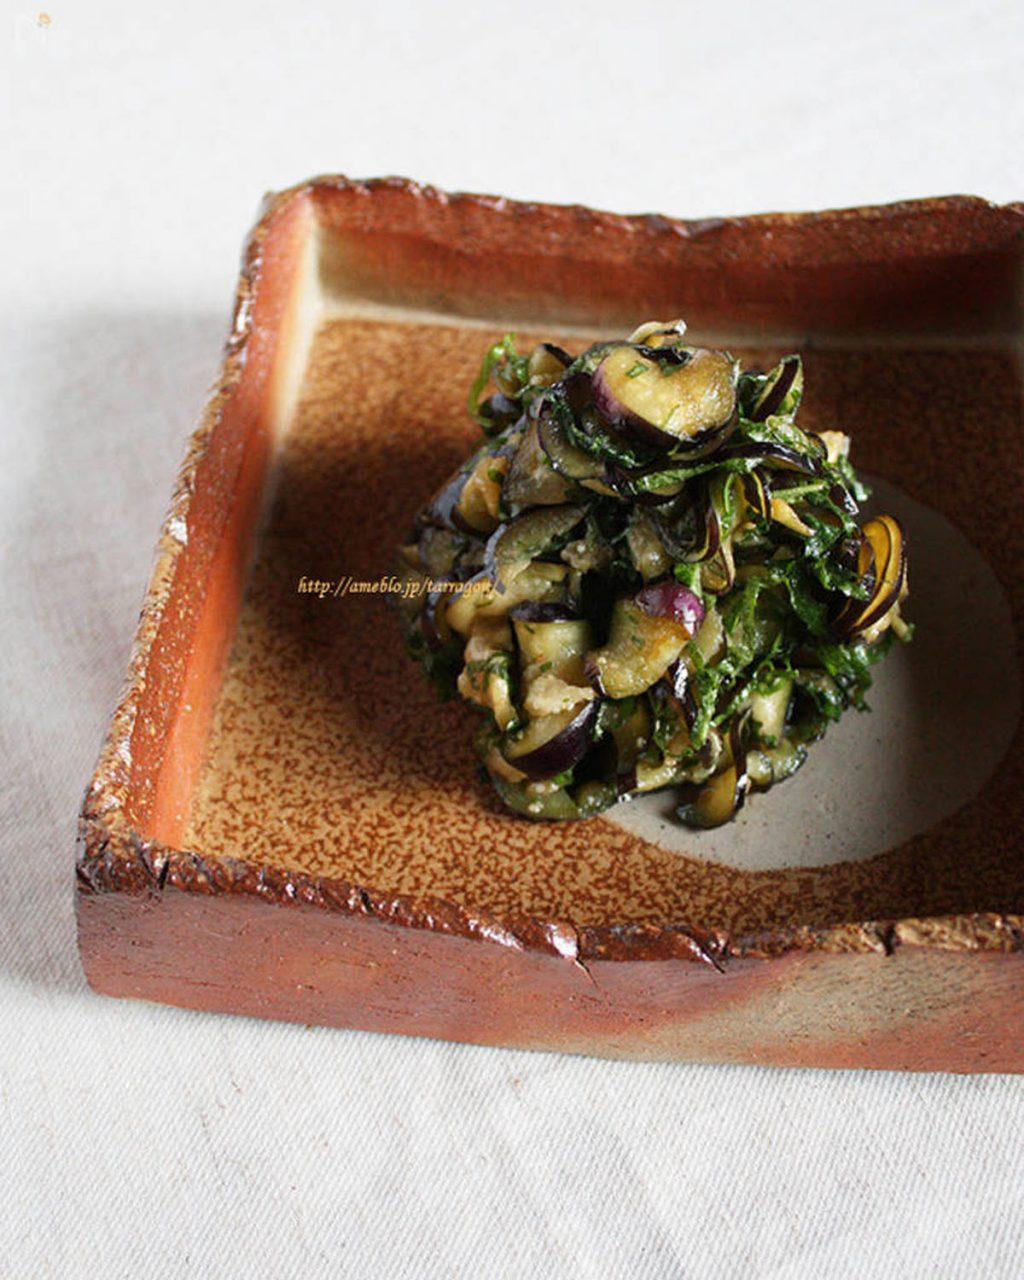 朝ごはんの箸休めに♪火を使わず和えるだけで簡単「なすの香味サラダ」